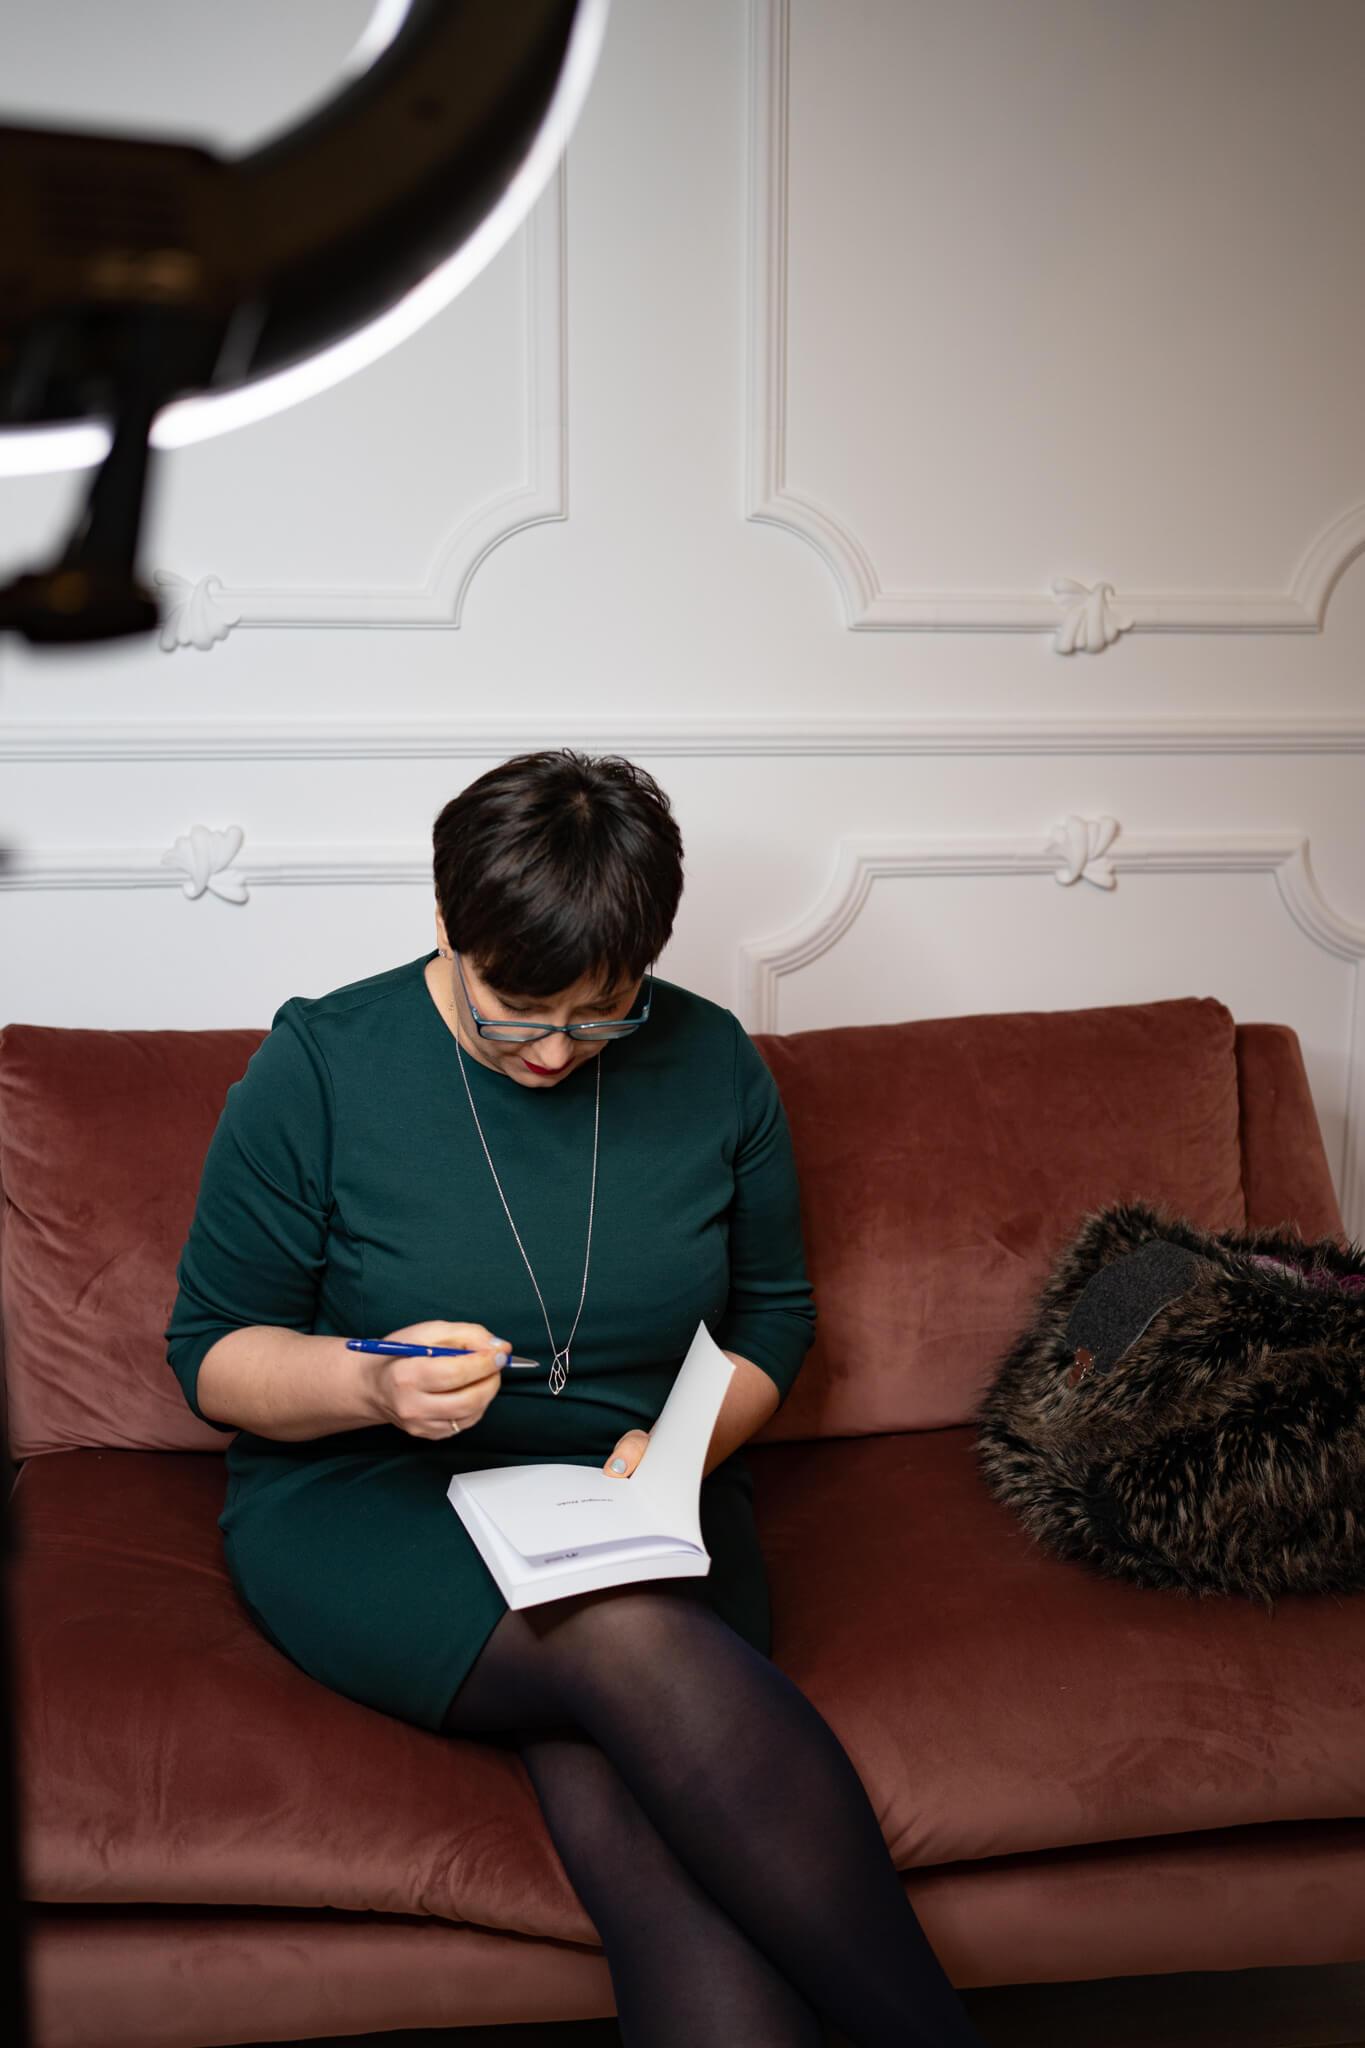 kobieta siedząca na kanapie w studio podpisująca swoją książkę